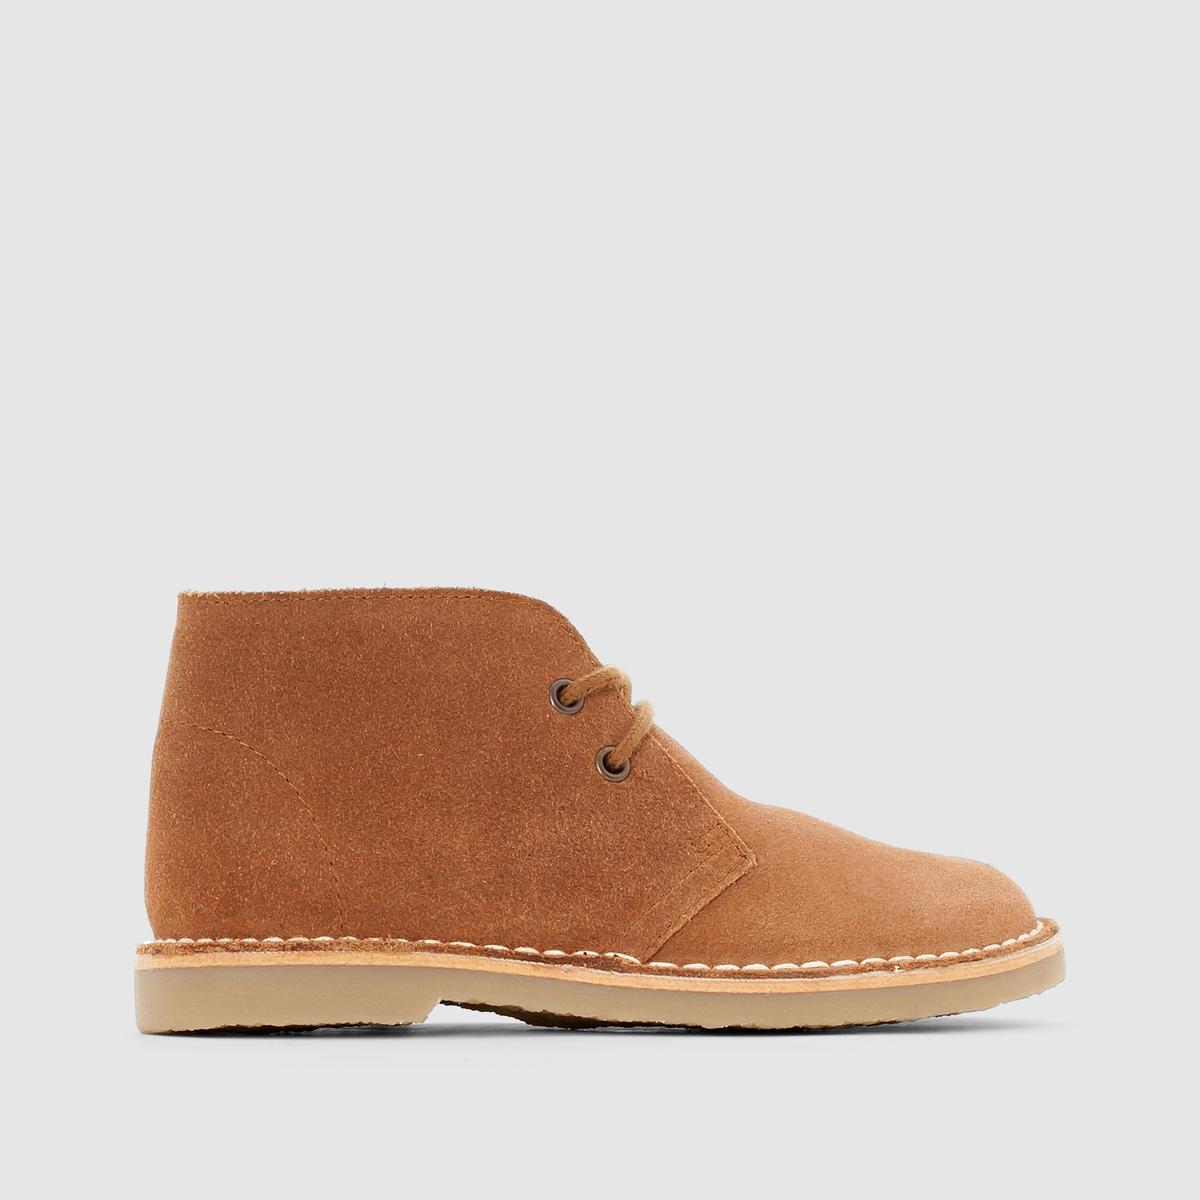 Ботинки кожаные на шнуровкеБотинки из спилка на шнуровке.Верх: спилок (яловичная кожа). Подкладка: текстиль. Стелька: кожа. Подошва: из эластомера. Застежка: на шнуровке.<br><br>Цвет: темно-бежевый<br>Размер: 35